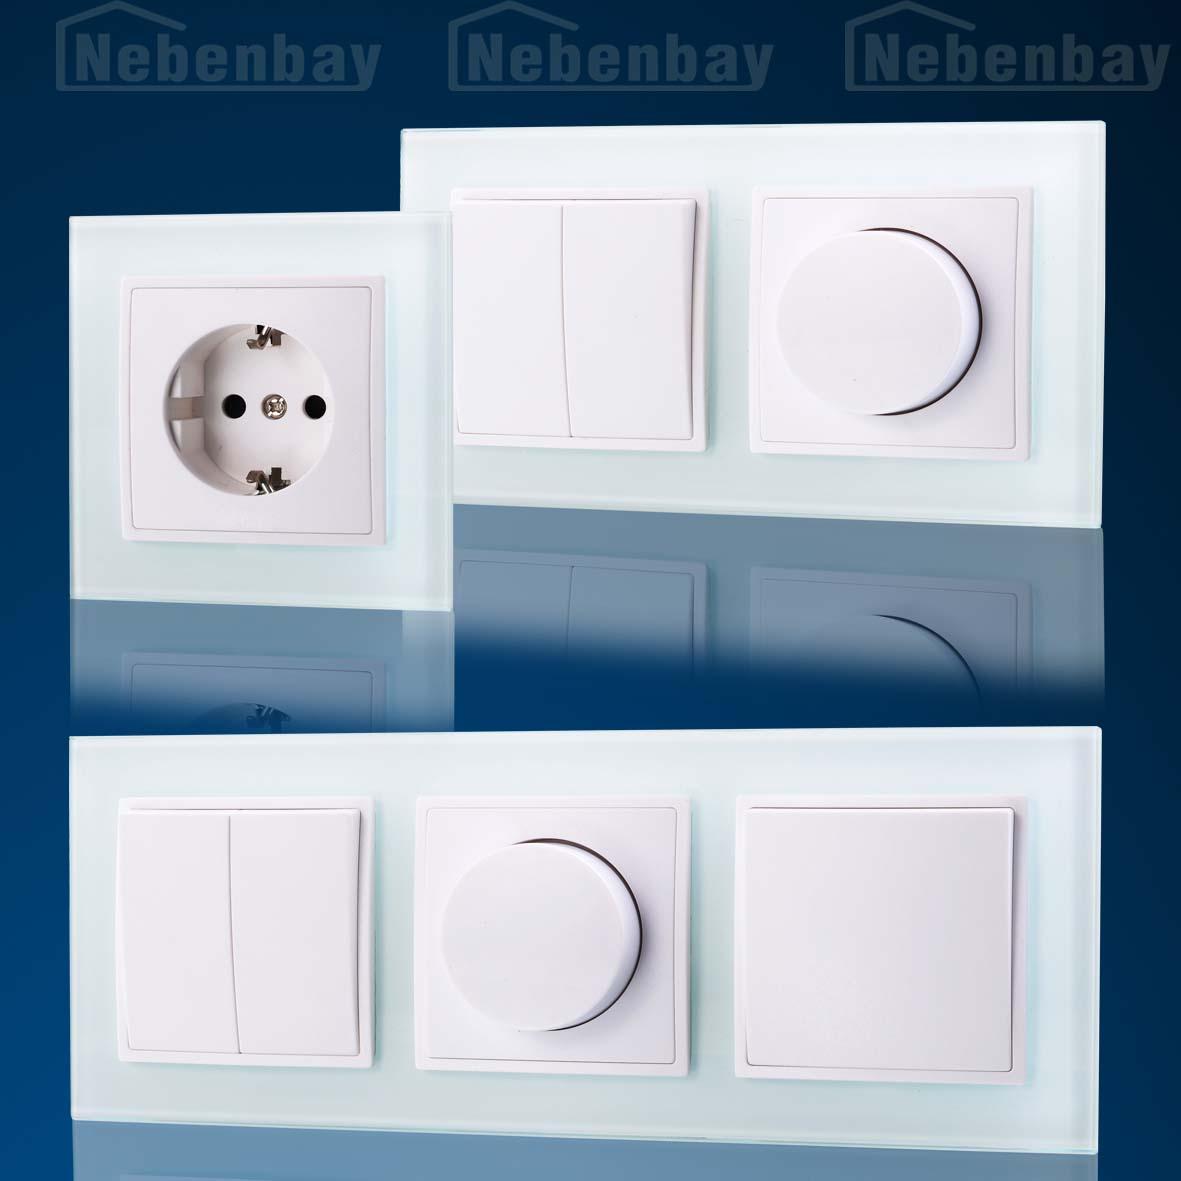 abzweigdose ip65 abzweigkasten verteilerkasten aufputz feuchtraum. Black Bedroom Furniture Sets. Home Design Ideas